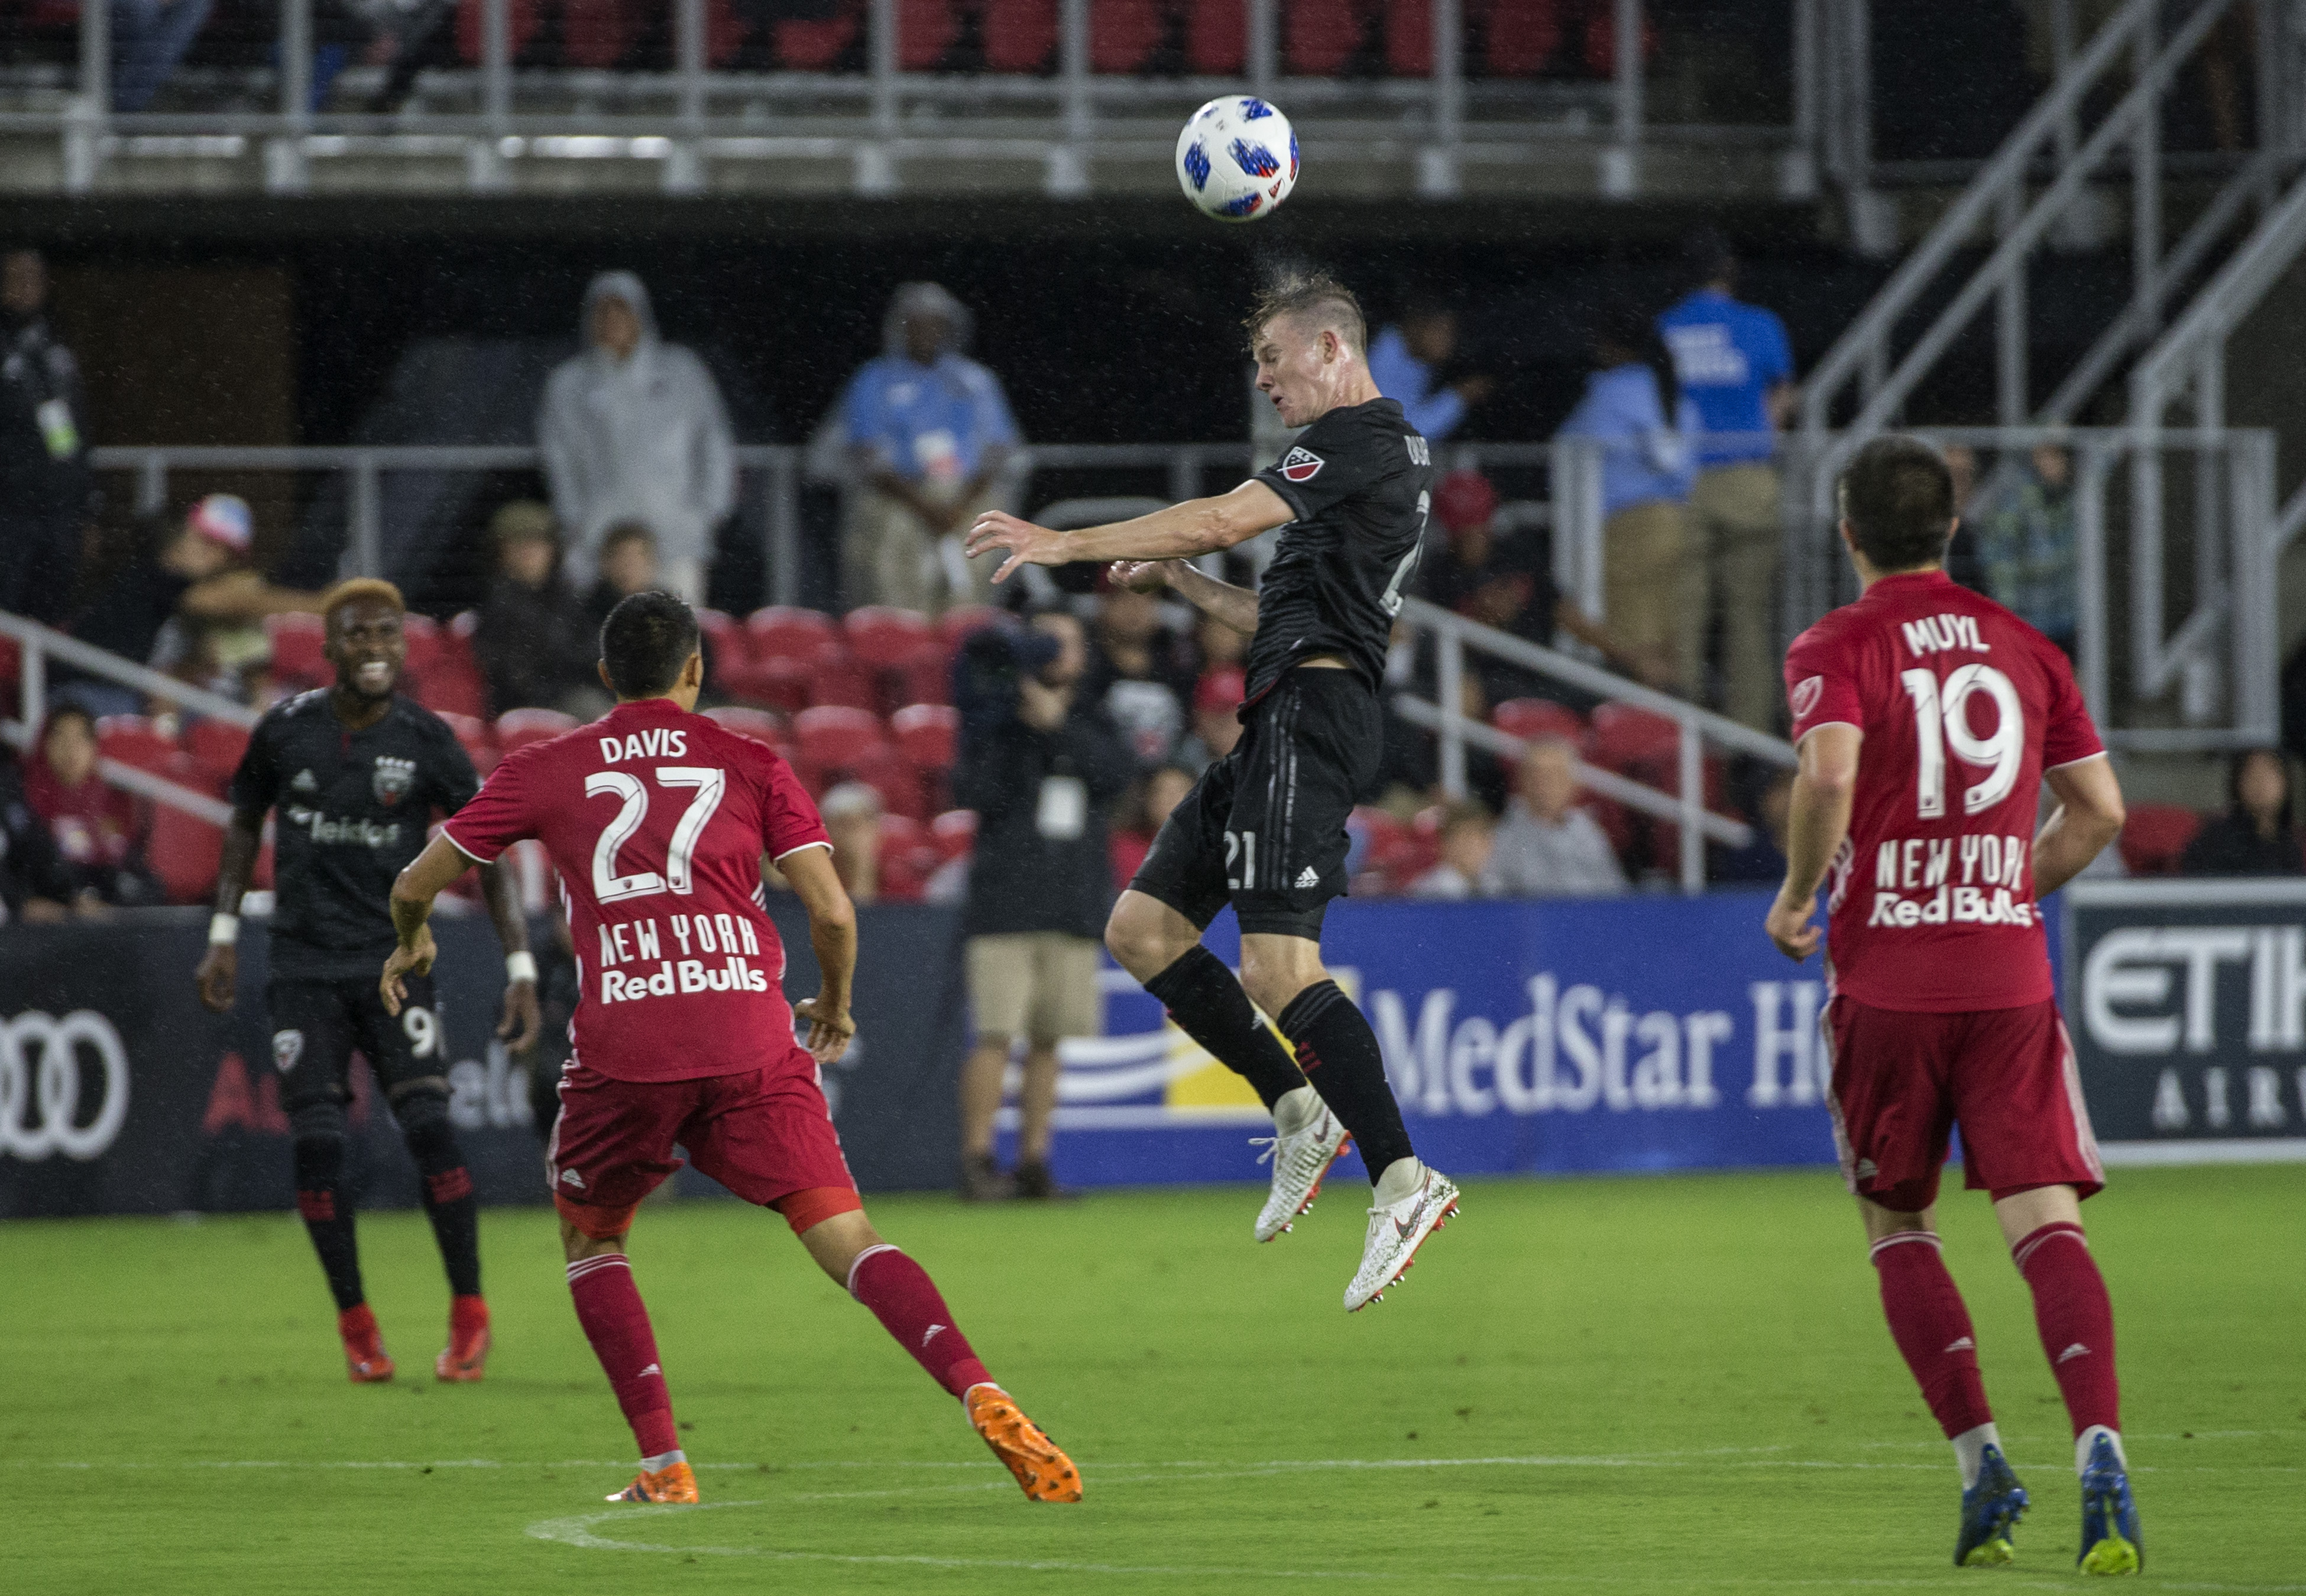 SOCCER: JUL 25 MLS - NY Red Bulls at DC United